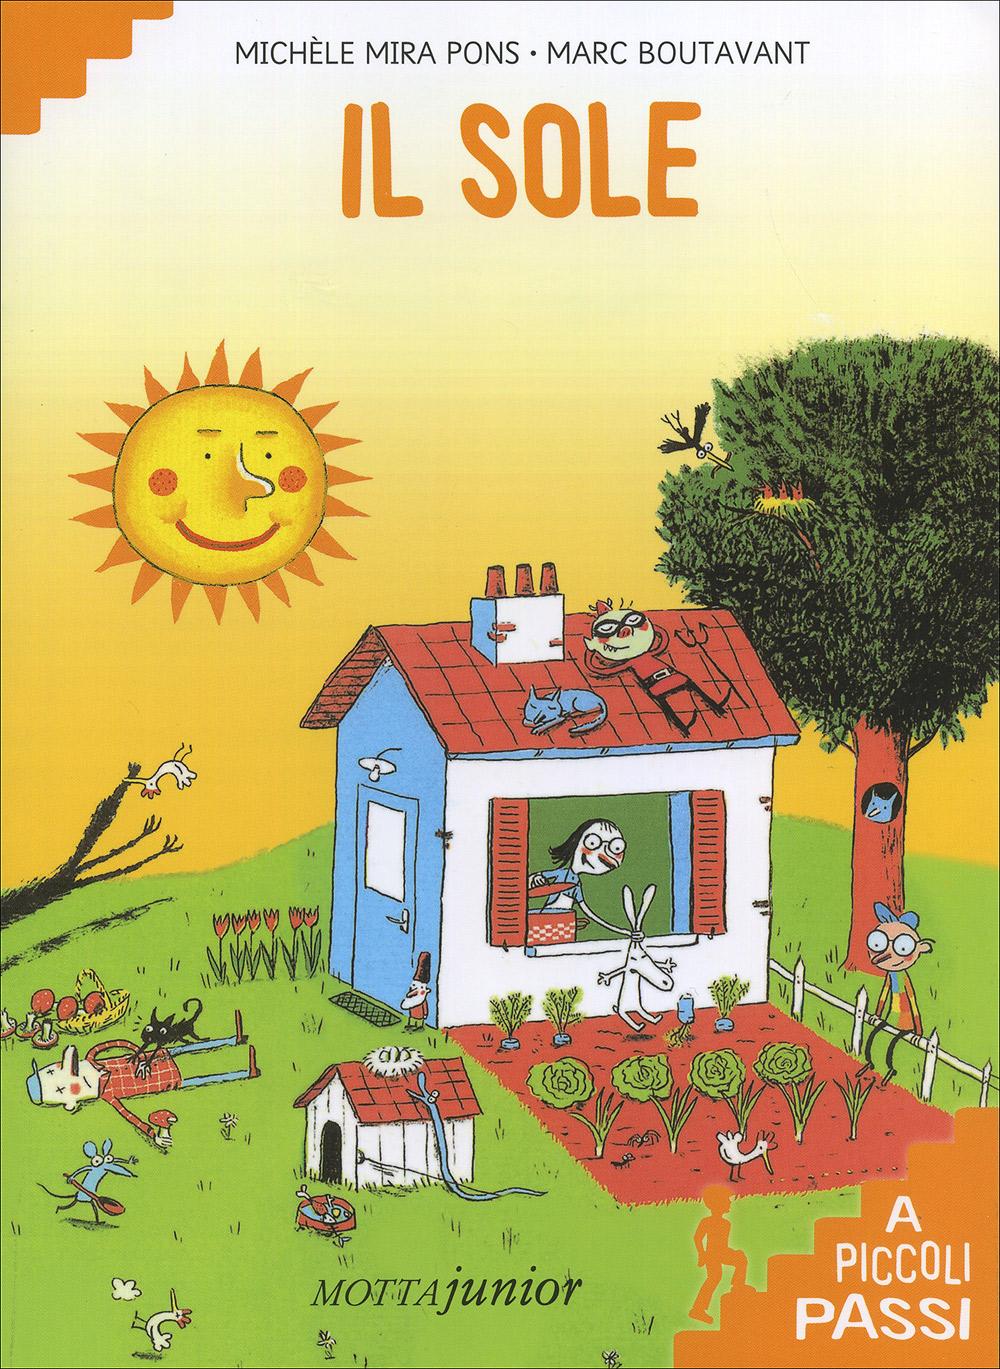 Il sole a piccoli passi (Avène)